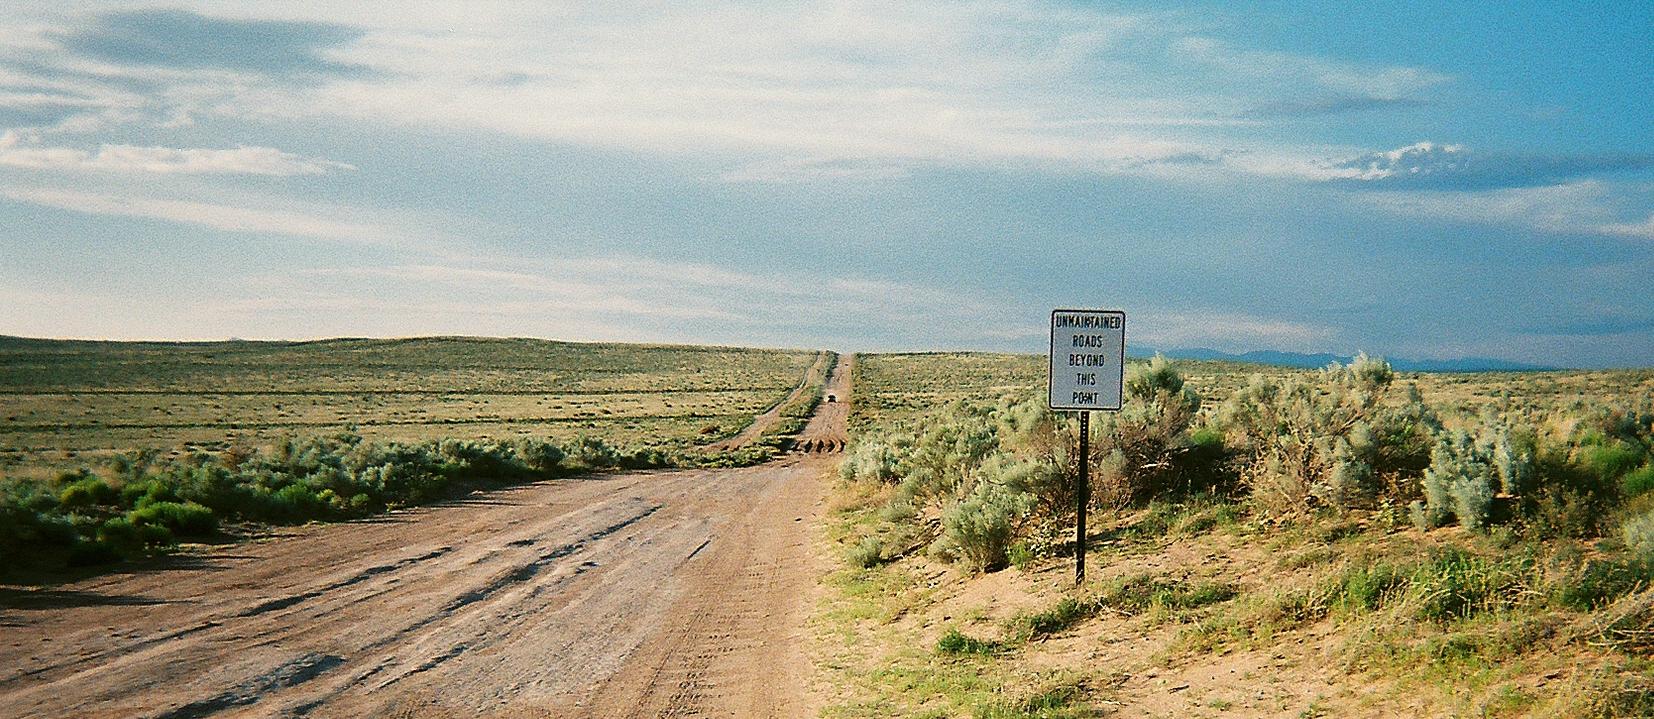 Albuquerque To Santa Fe >> 301 Moved Permanently